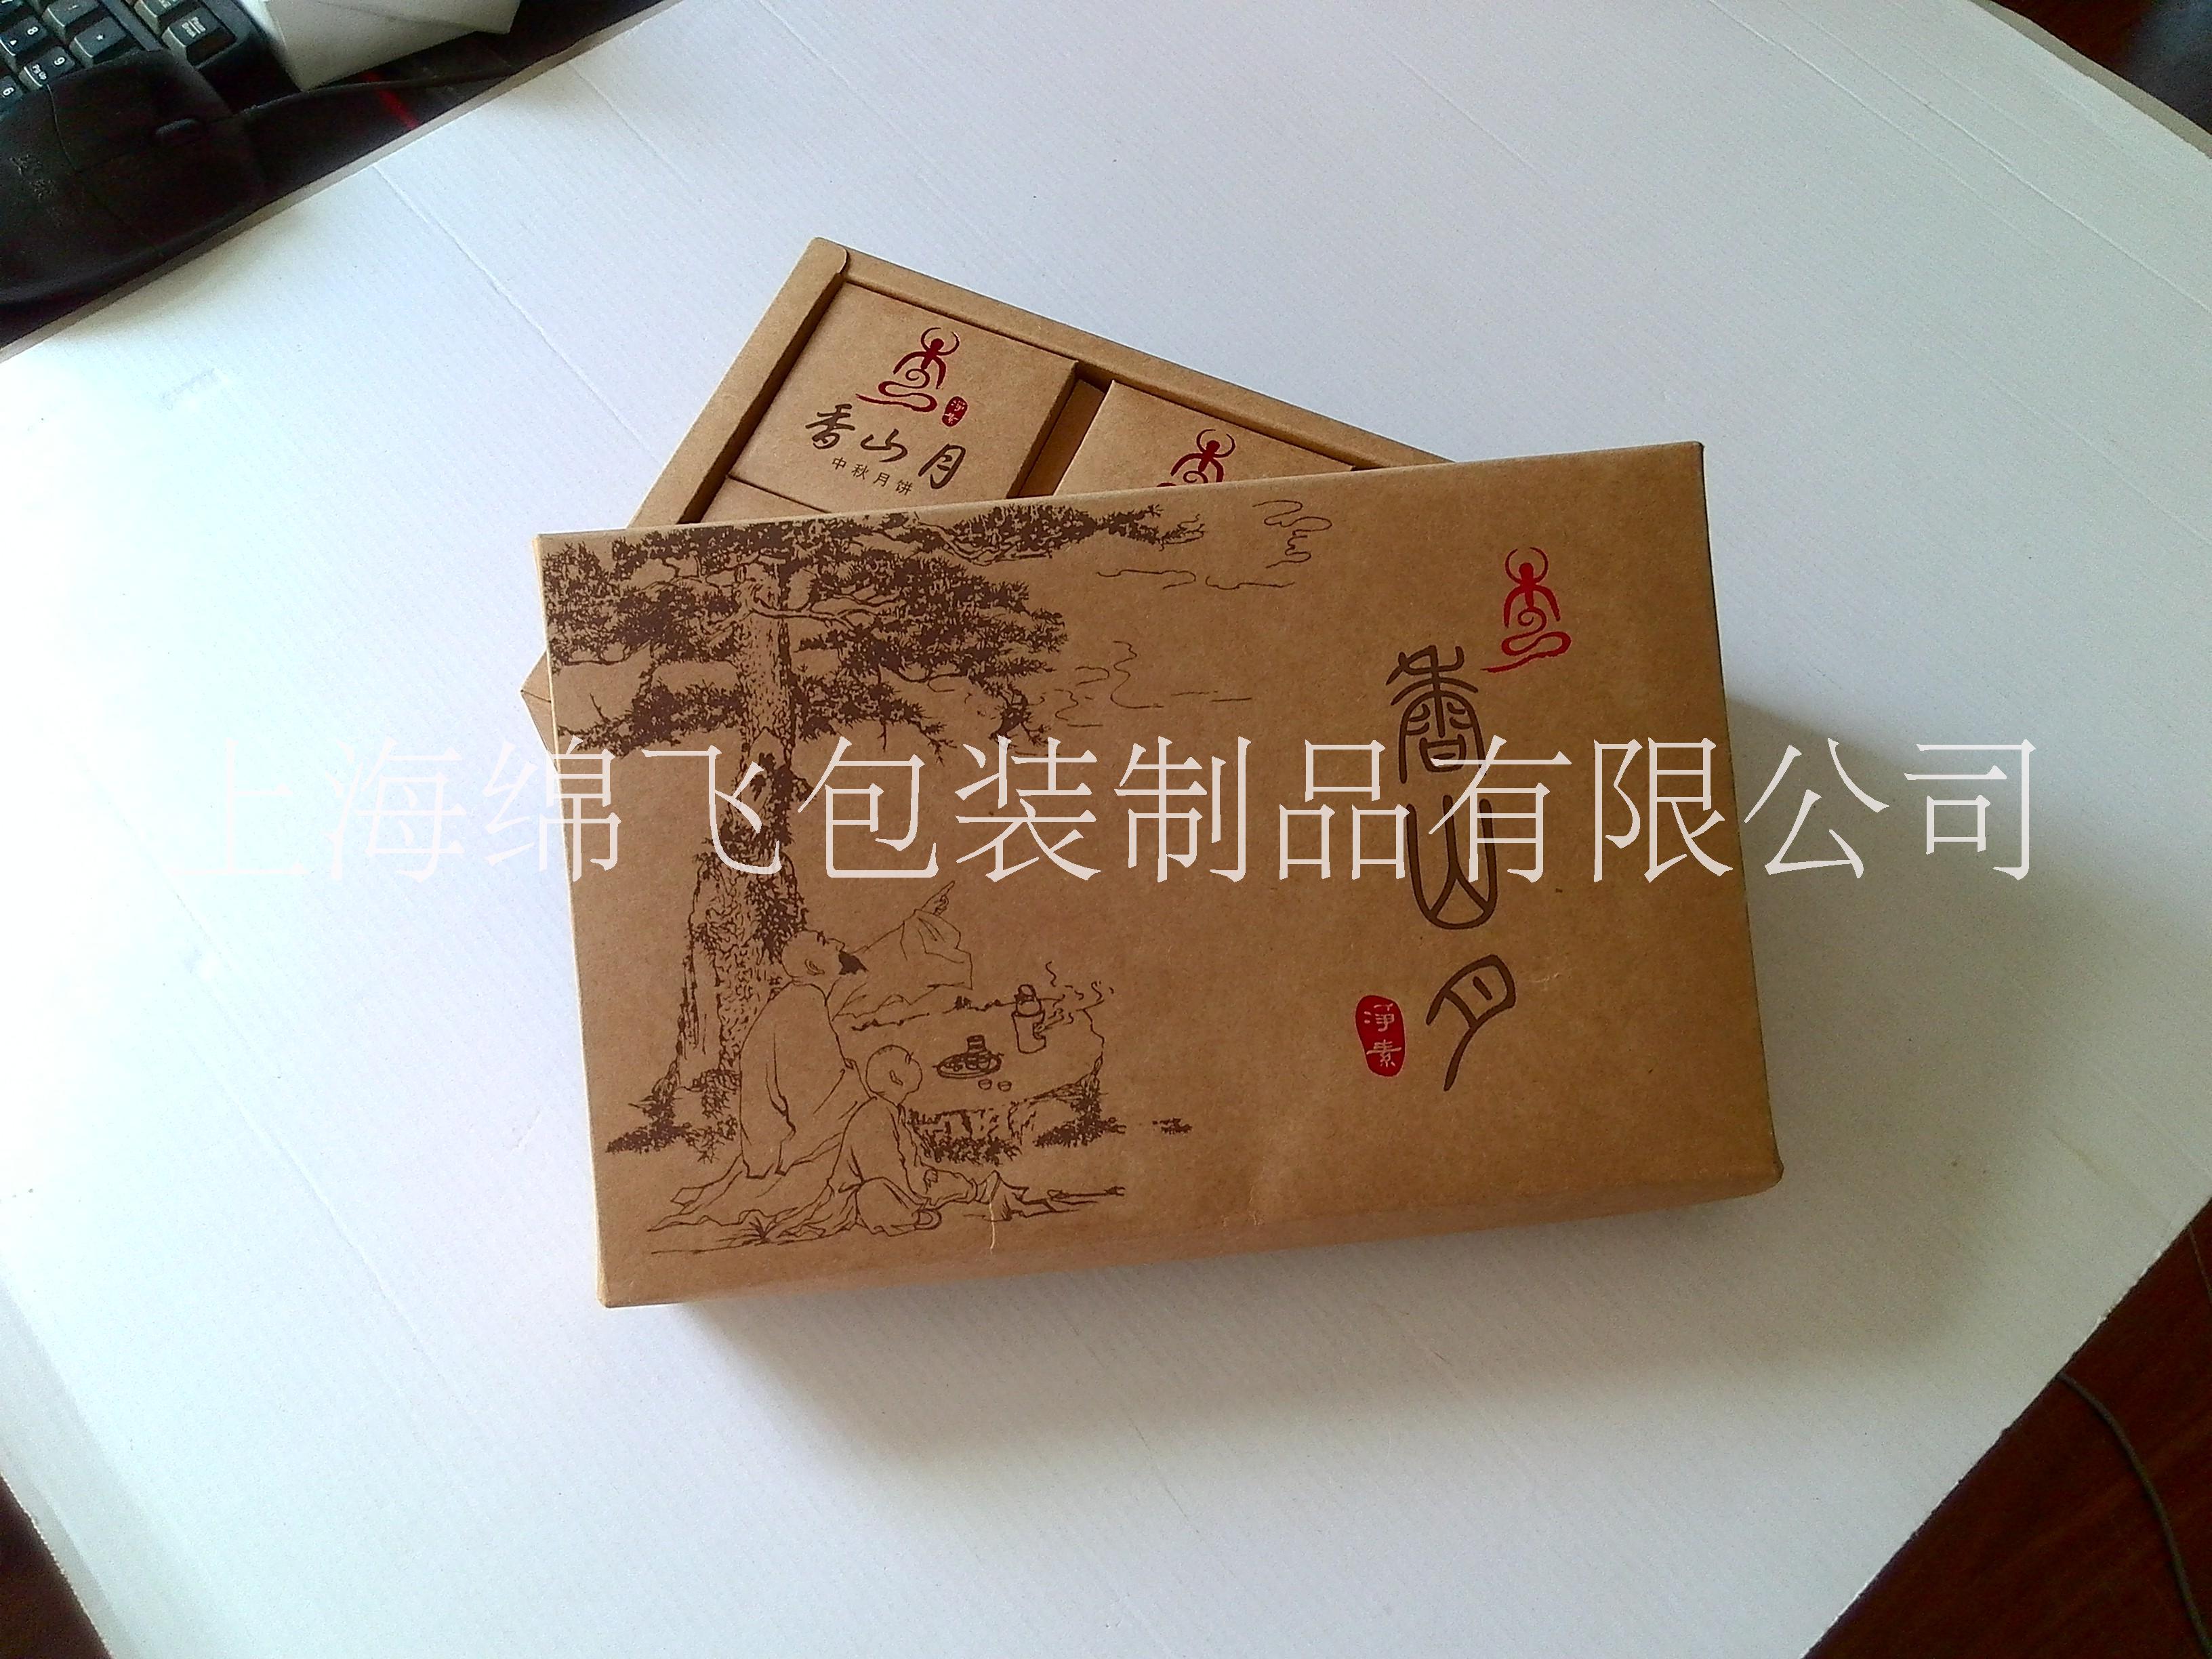 订制食品包装 礼盒包装 服装礼盒 灯泡盒厂家订制月饼包装盒 厂家 厂家订制糕点包装盒